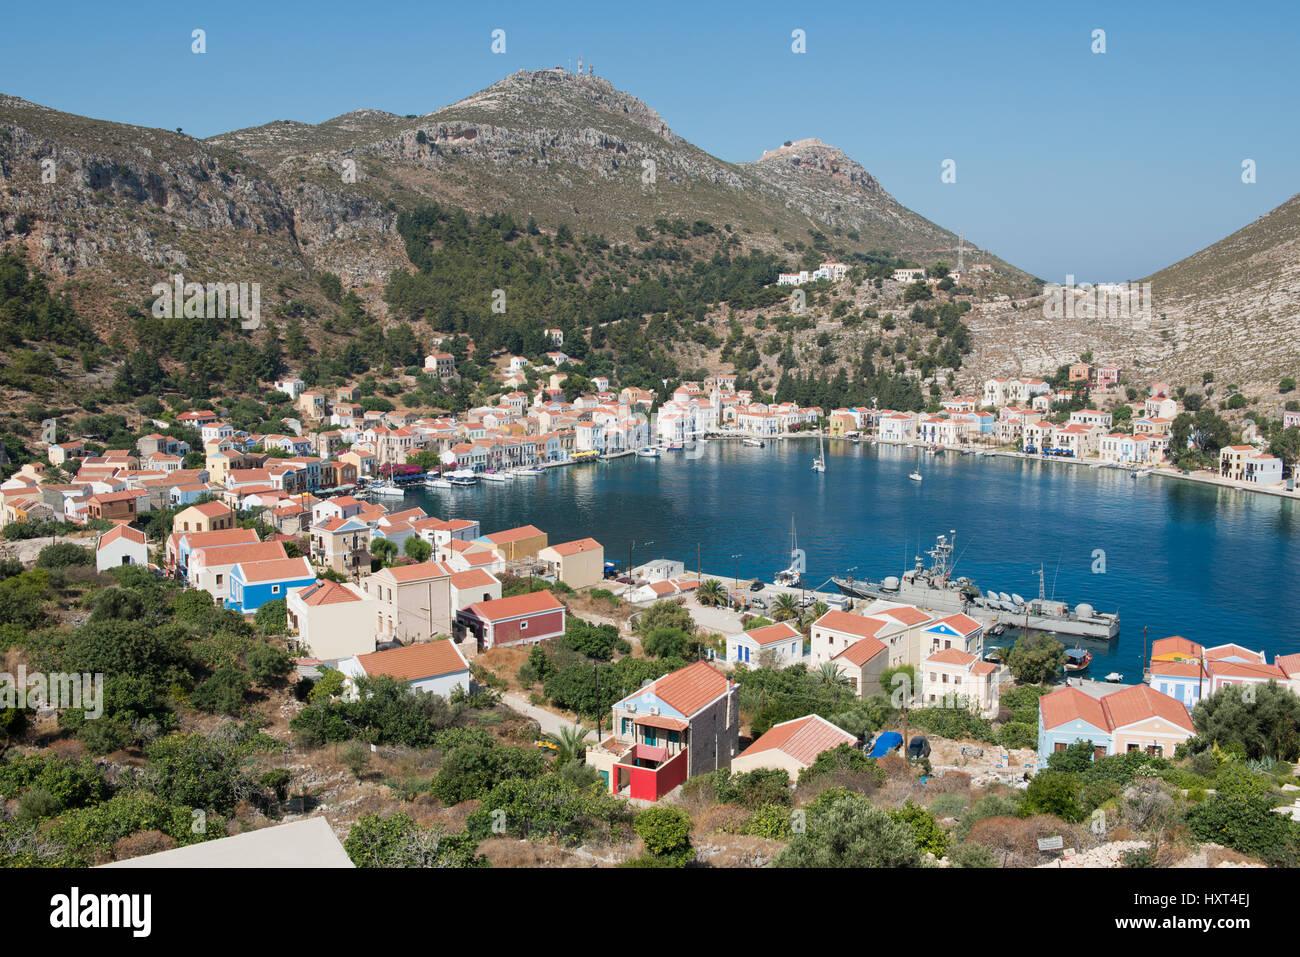 erhöhte Hafenansicht mit Bucht, Häusern, Booten, Bäumen und Bergen, Insel Kastellorizo, Dodekanes, Griechenland Stock Photo